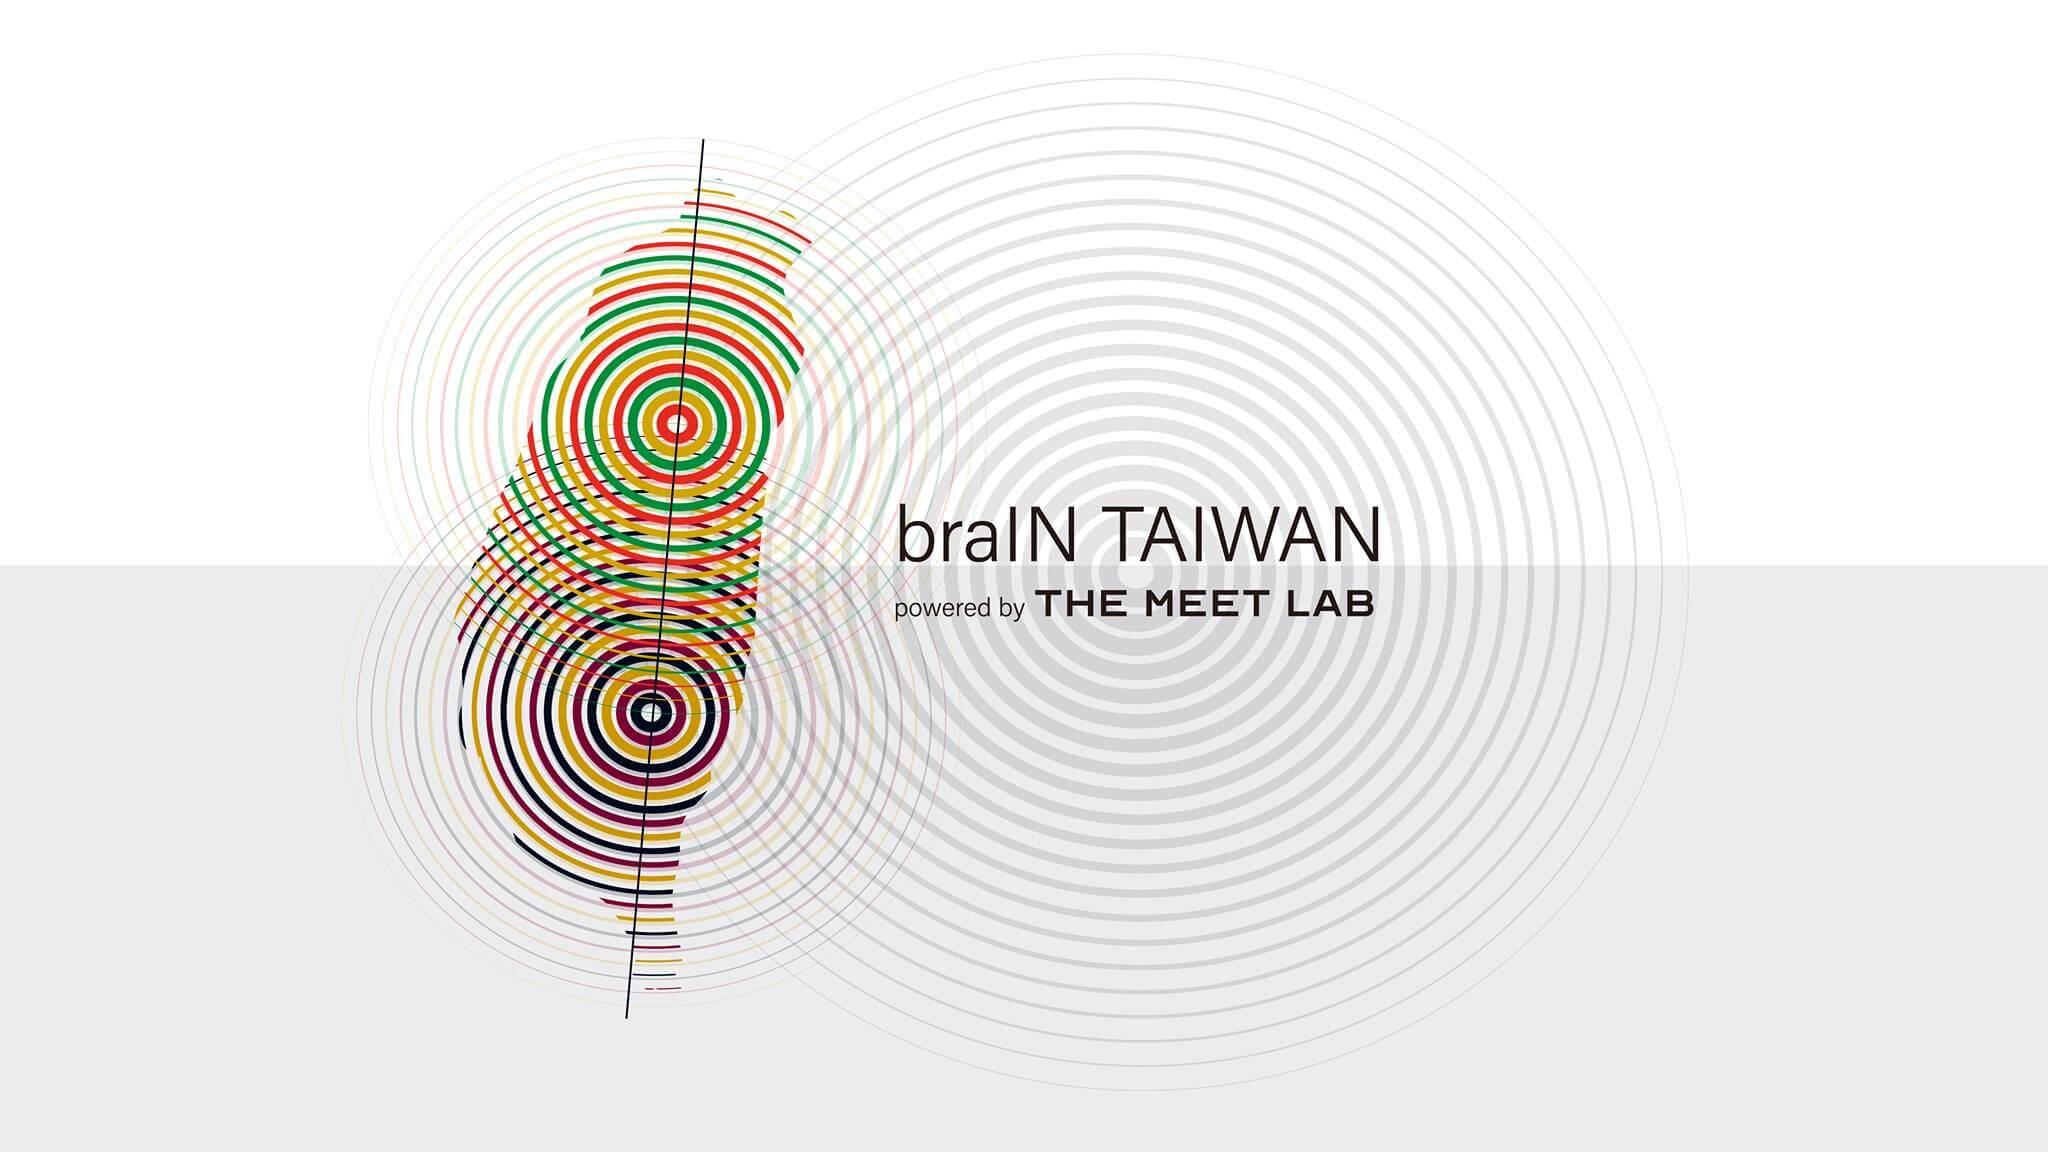 brain taiwan